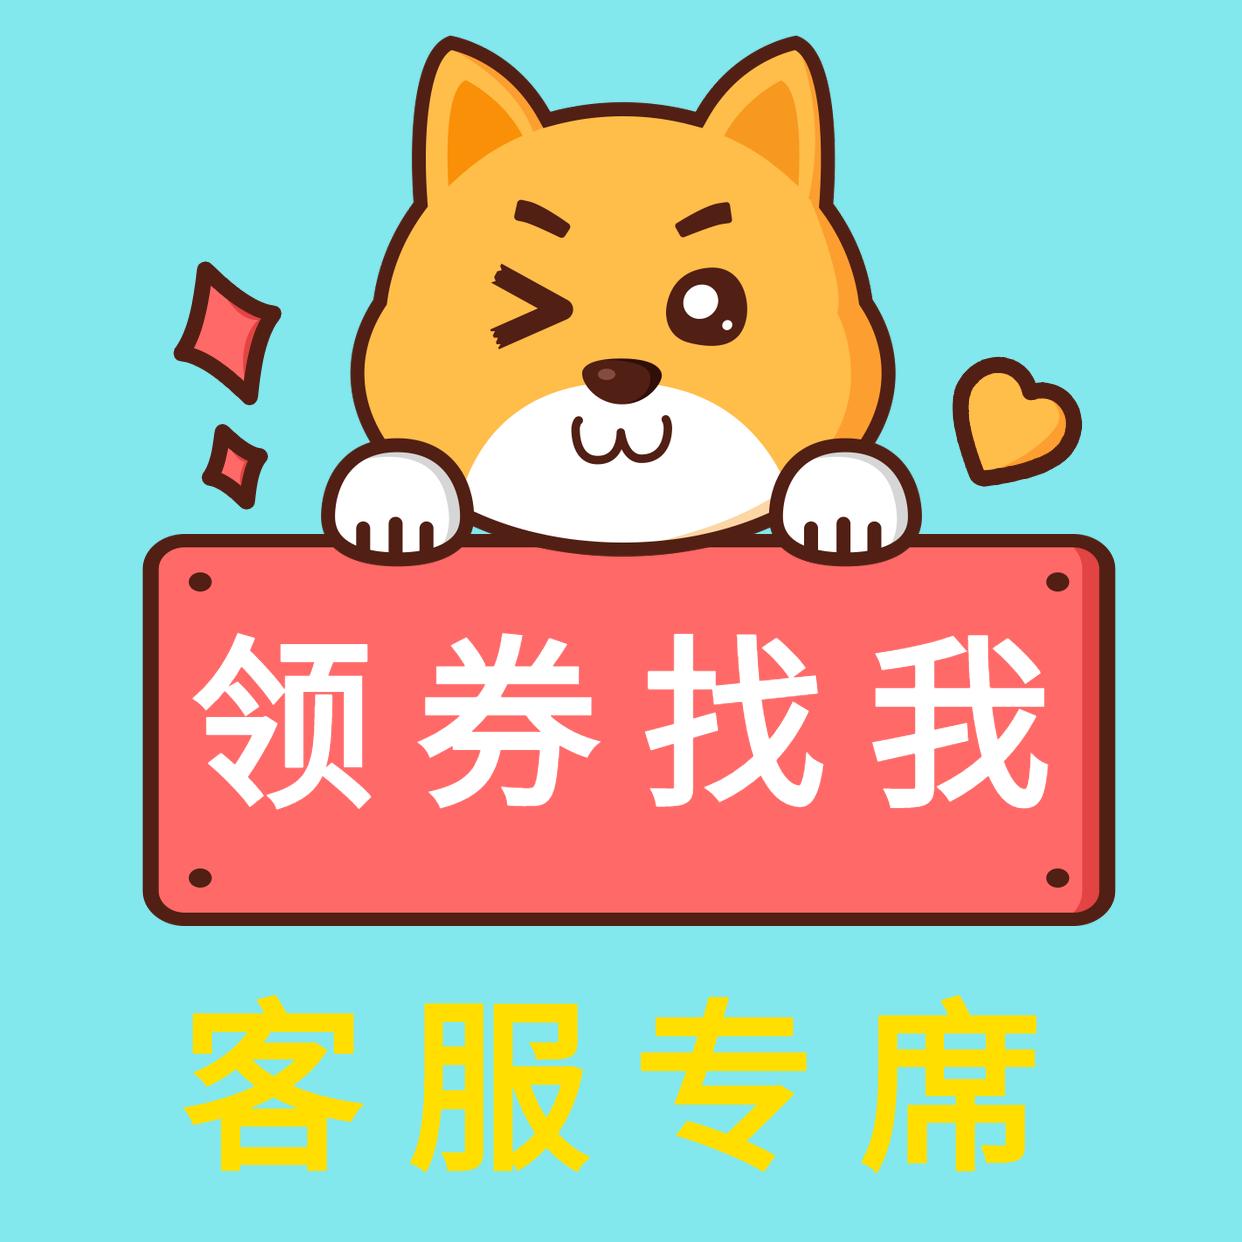 【领券找我】客服专席 超级福利 商家合作